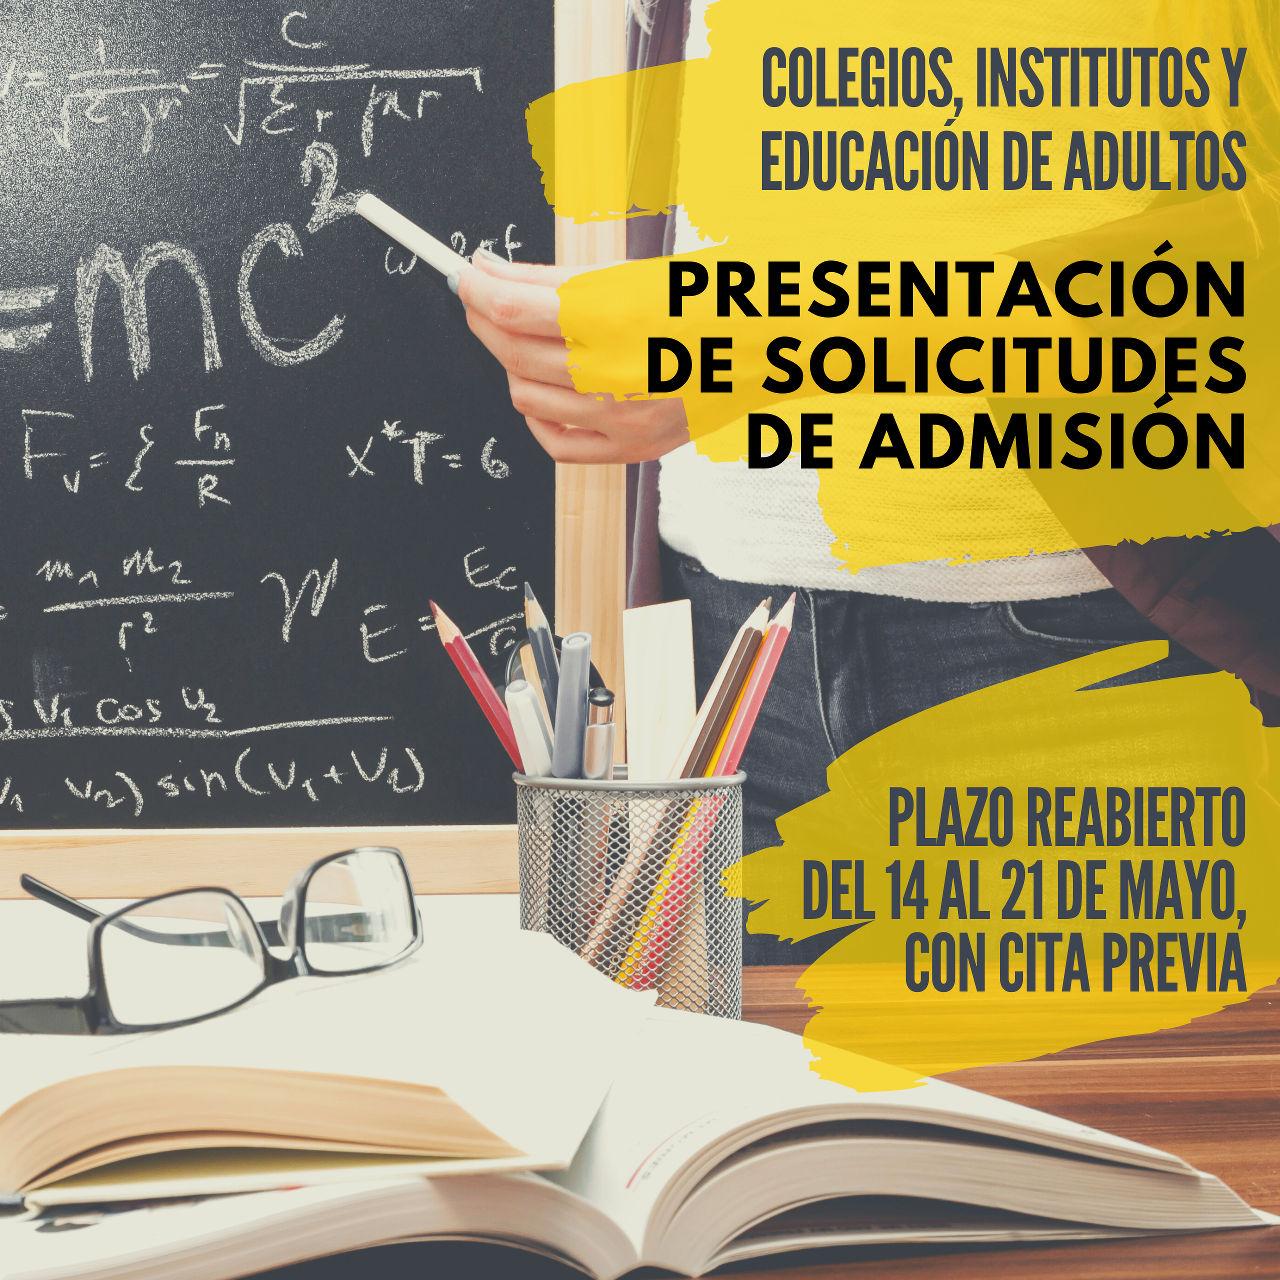 20200508_Matriculas centros educativos